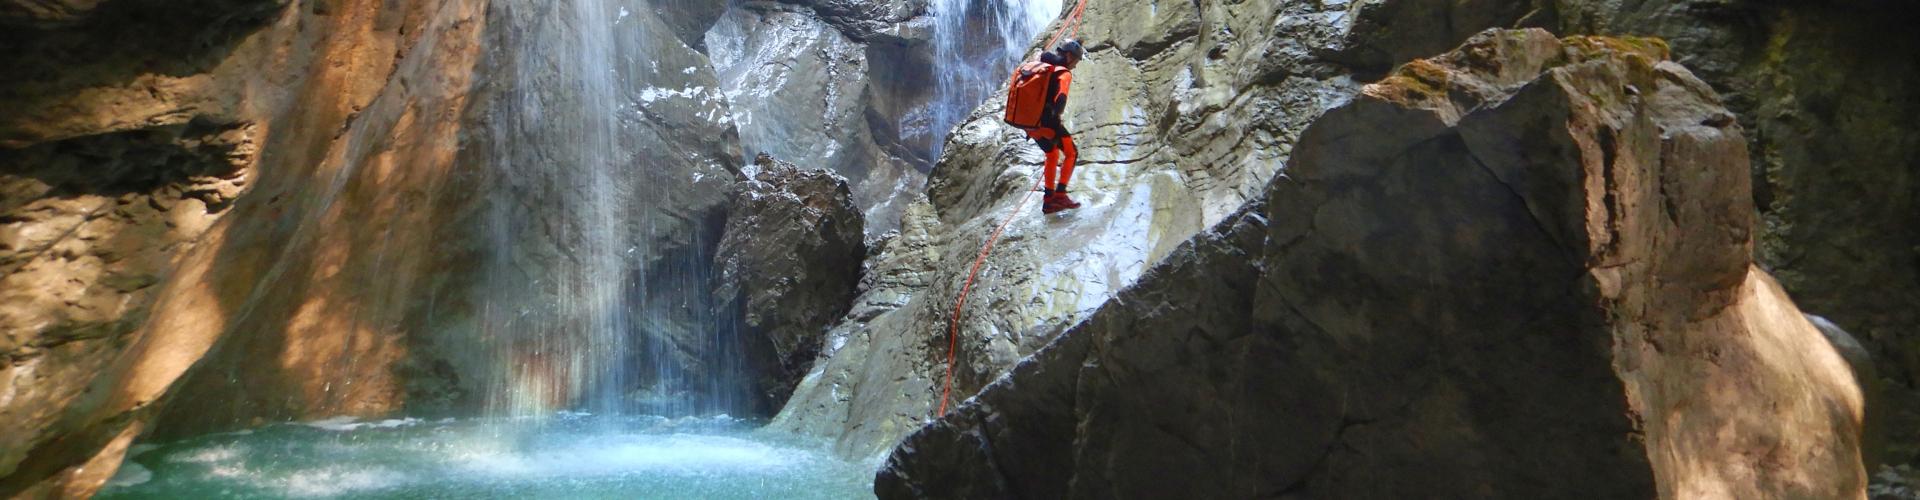 Canyoning Touren im Allgäu und in Tirol